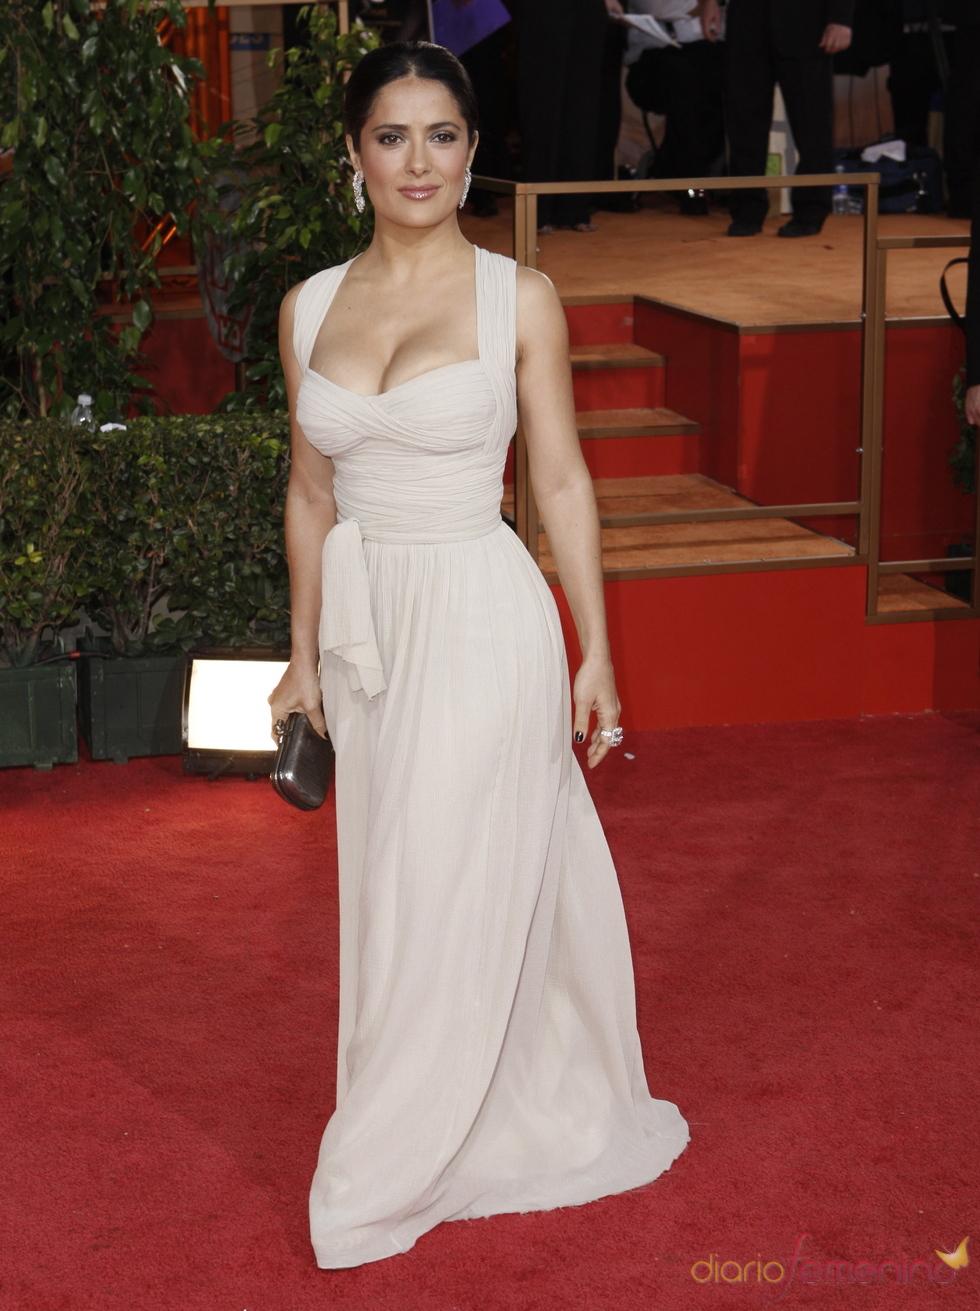 Salma Hayek en los Globos de Oro 2009, de Dior